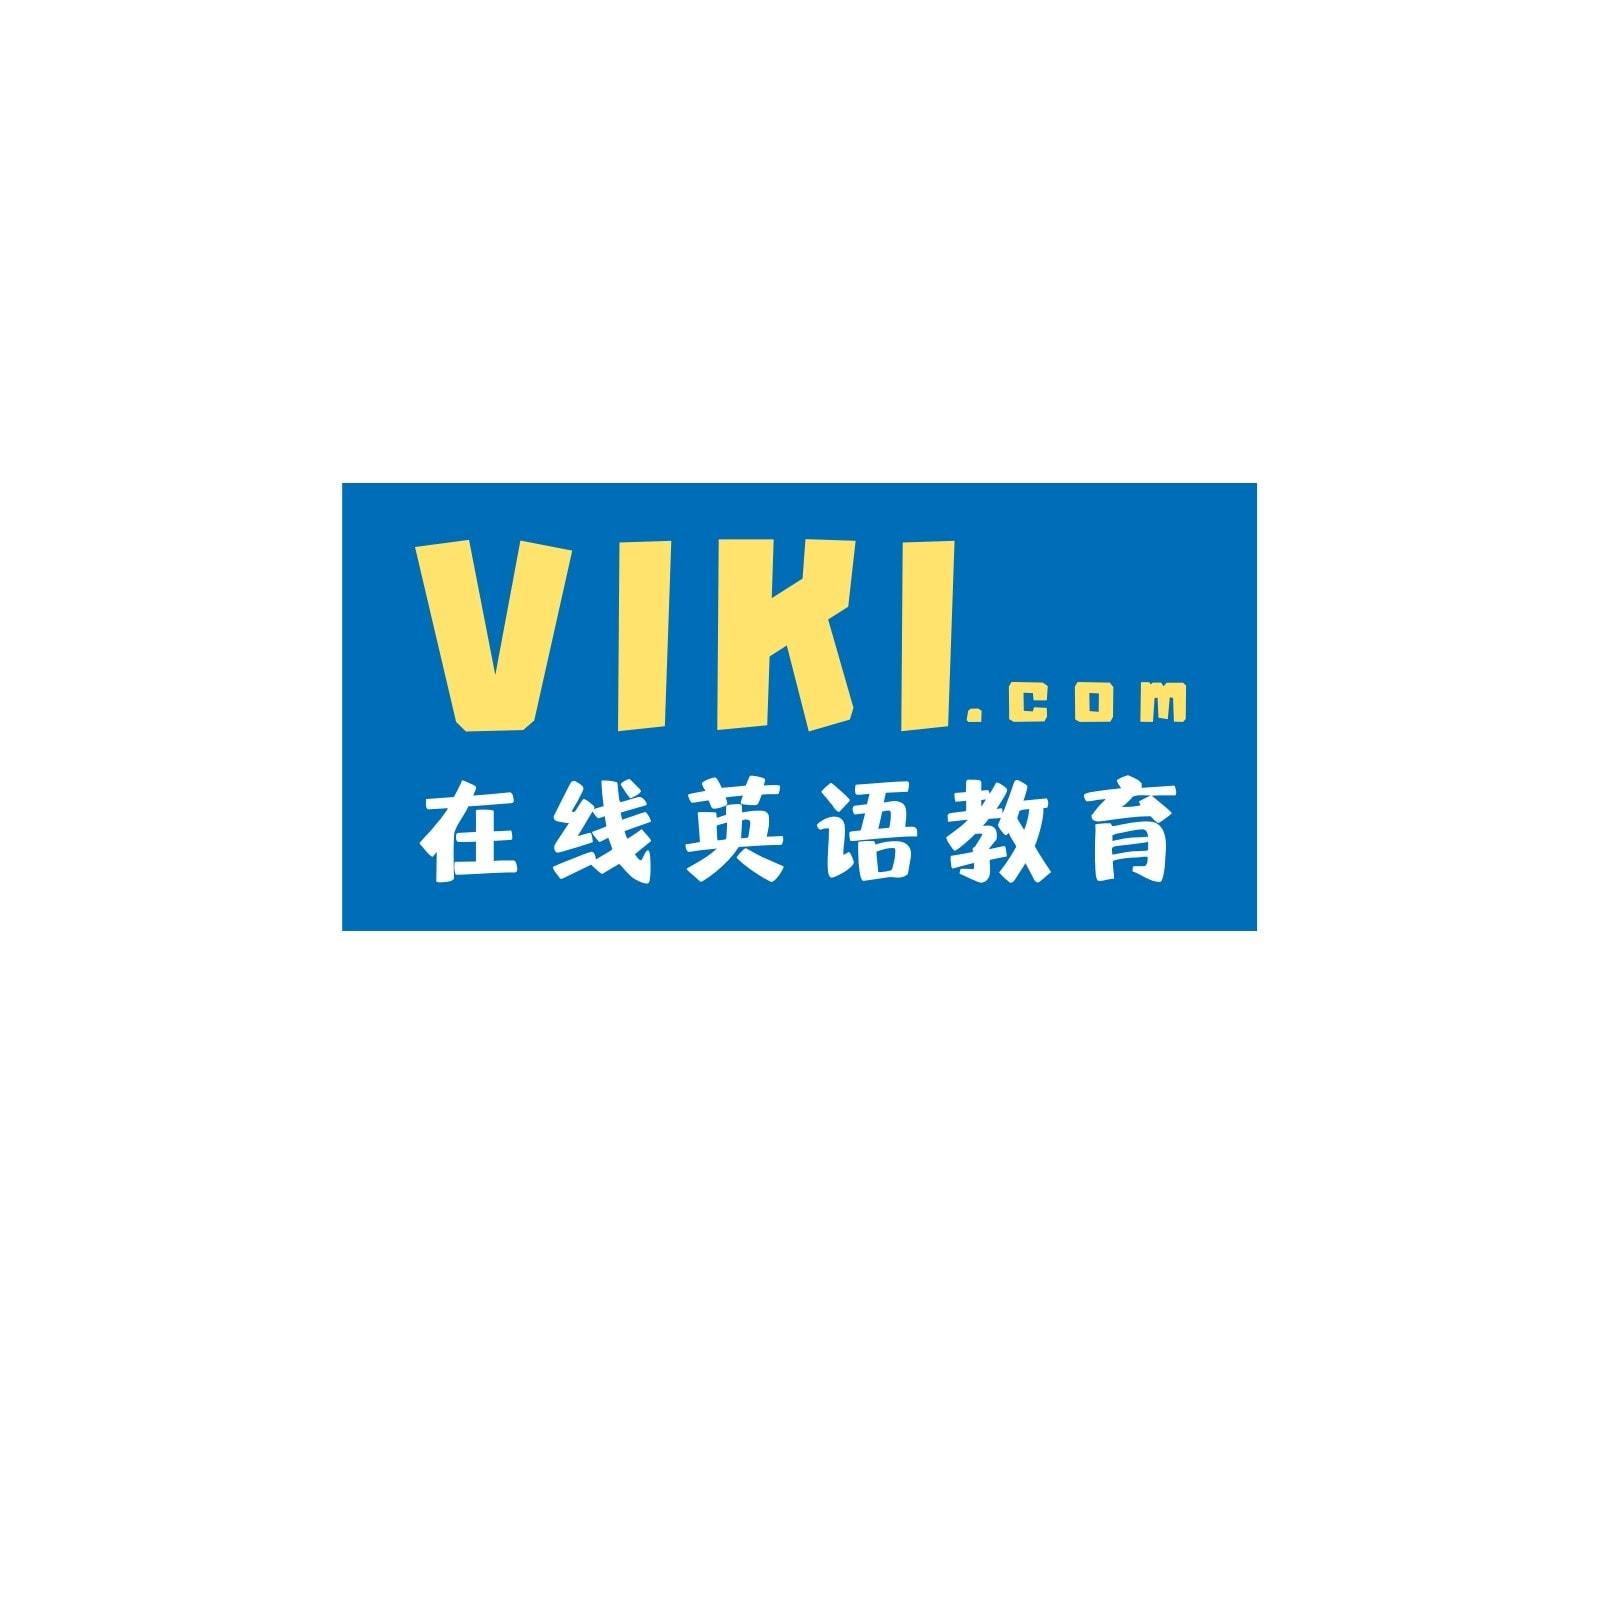 蓝黄色矩形创意文字教育公司logo简约教育中文logo